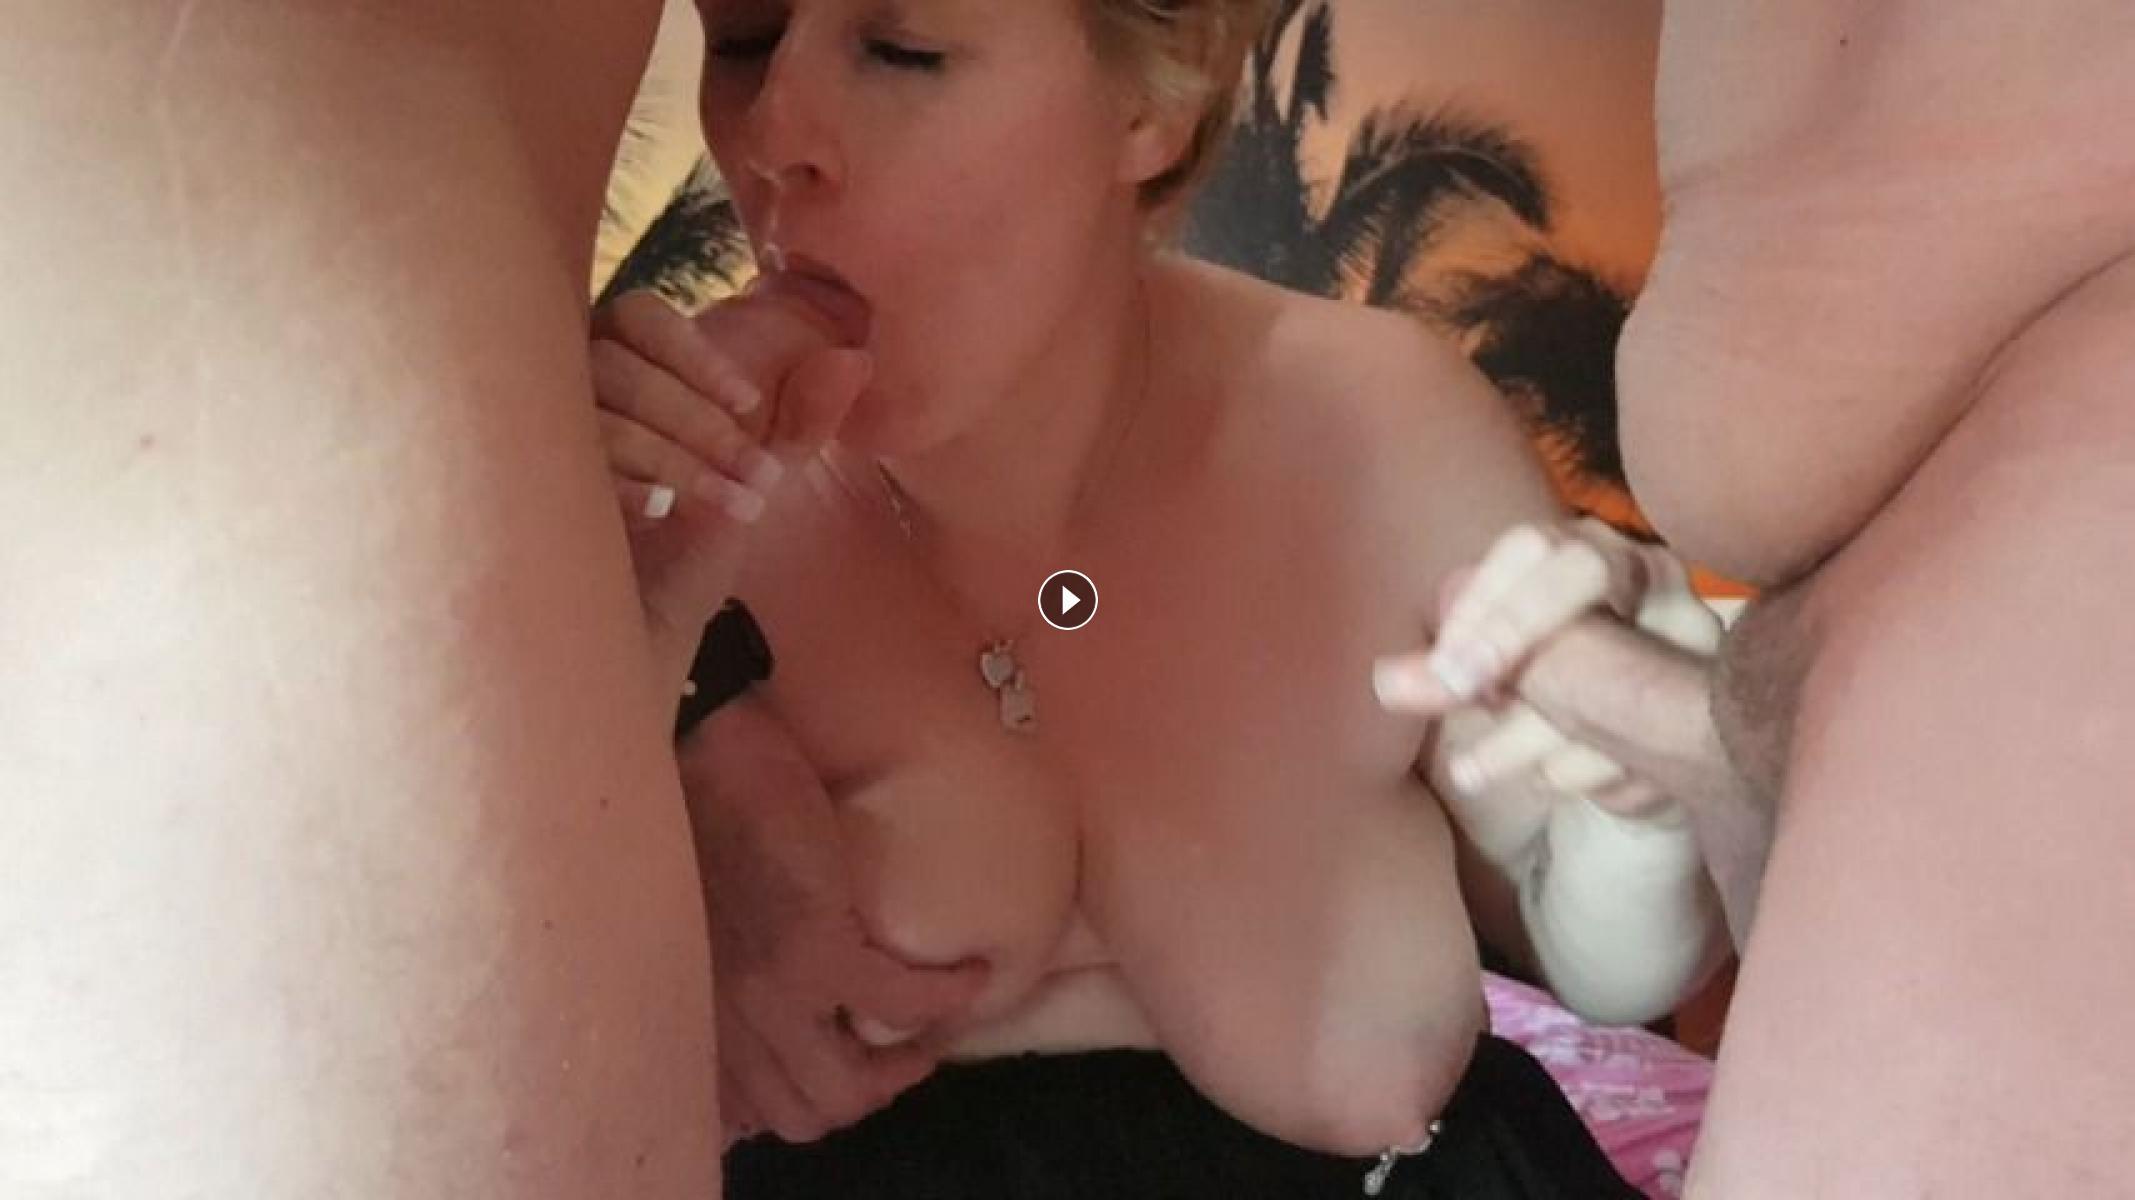 Sperma Geschluckt